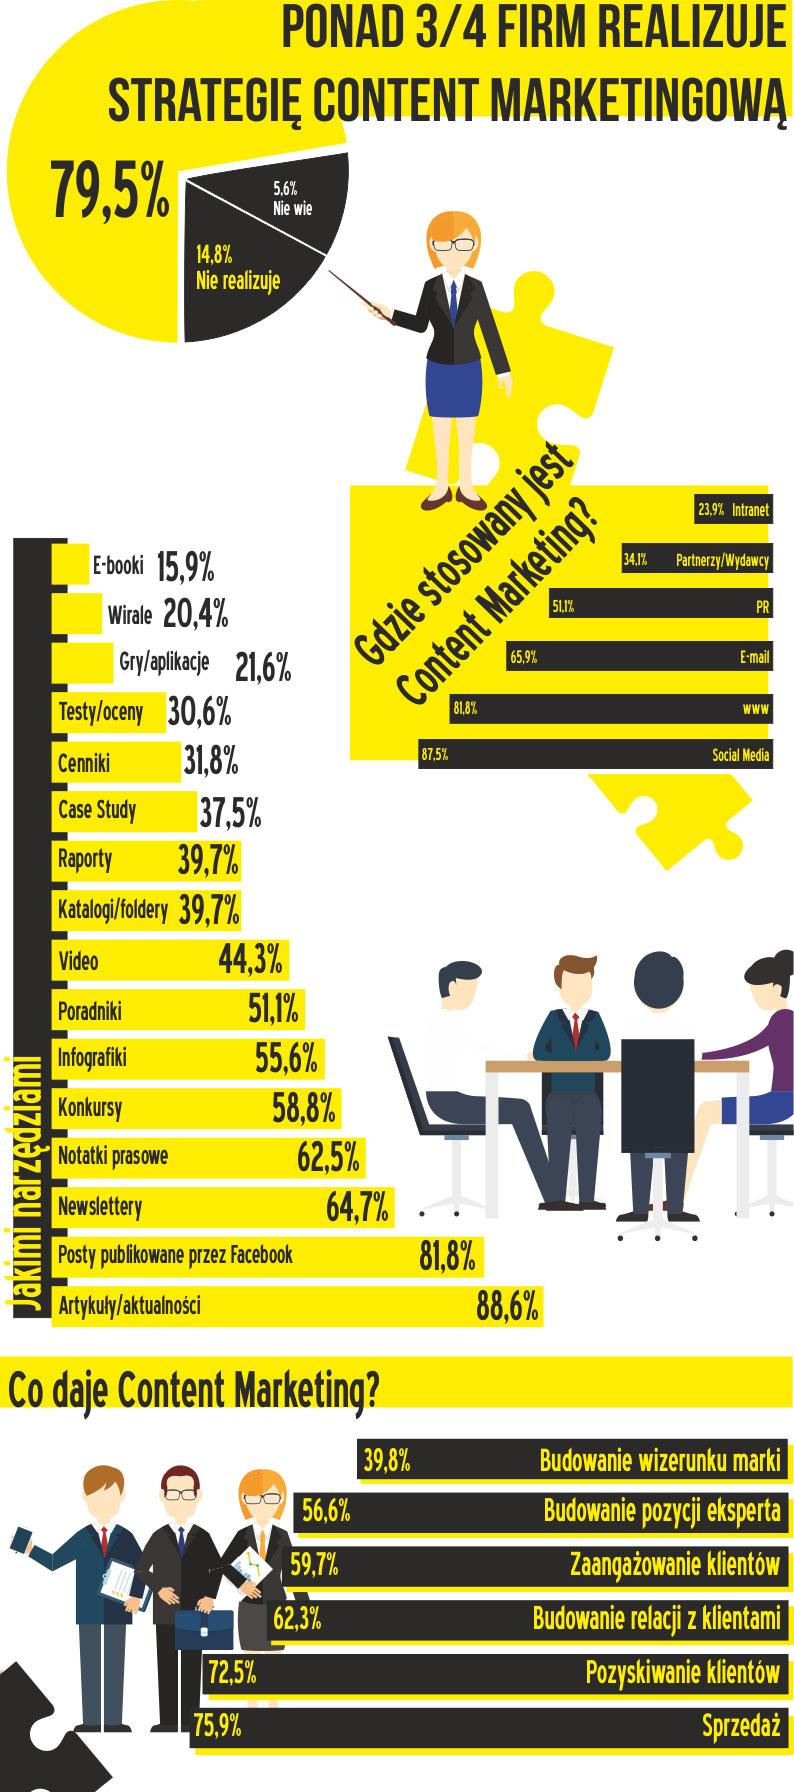 Wykorzystanie content marketingu przez firmy z różnych branż